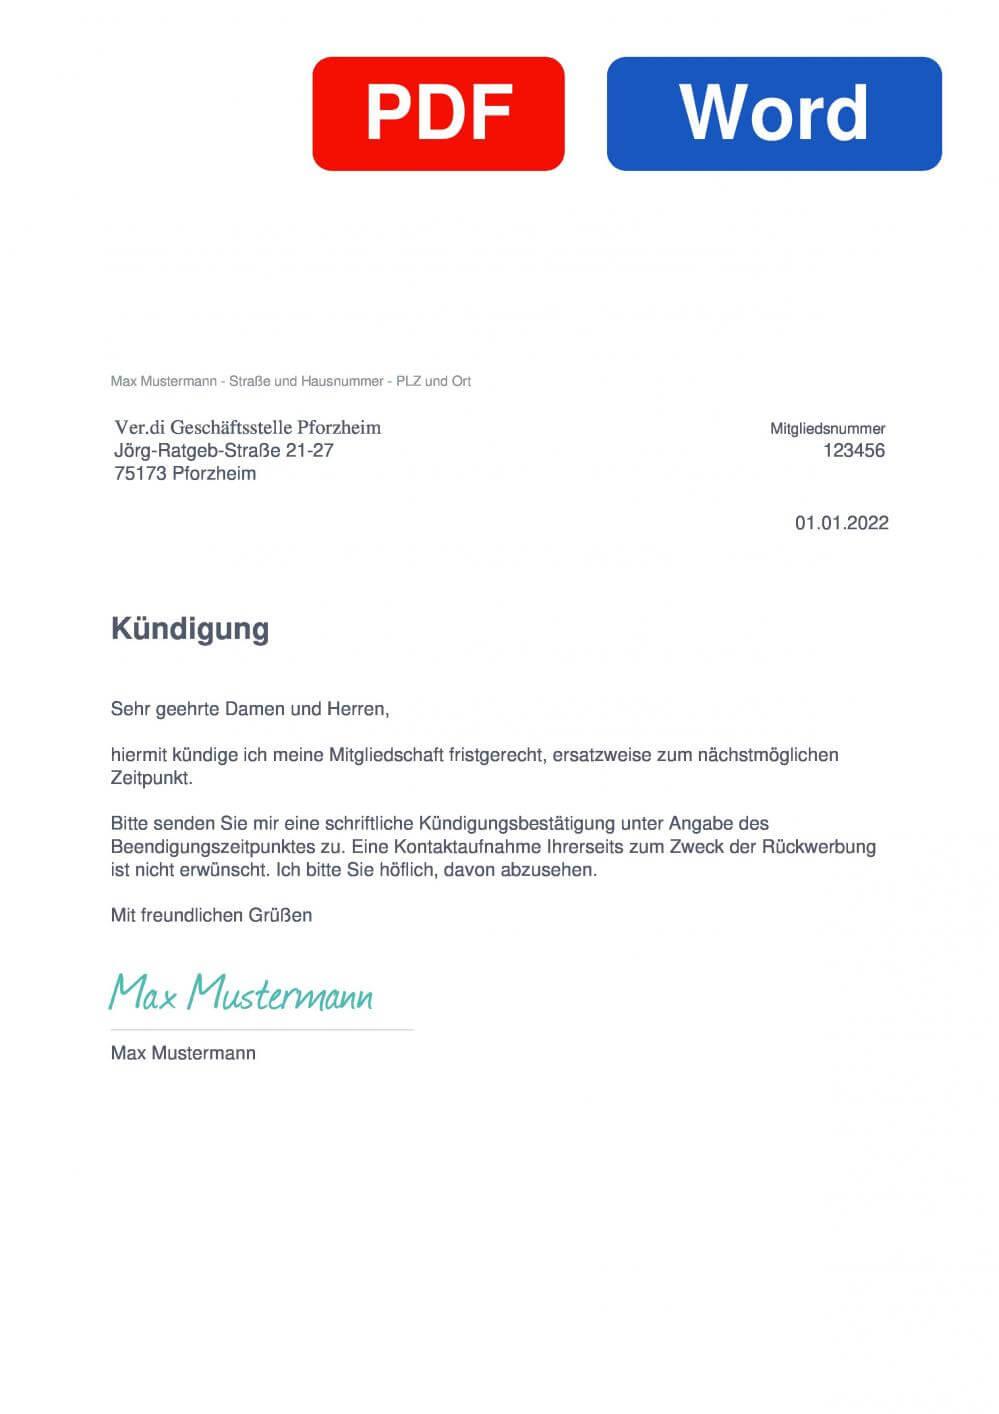 Verdi Pforzheim Muster Vorlage für Kündigungsschreiben